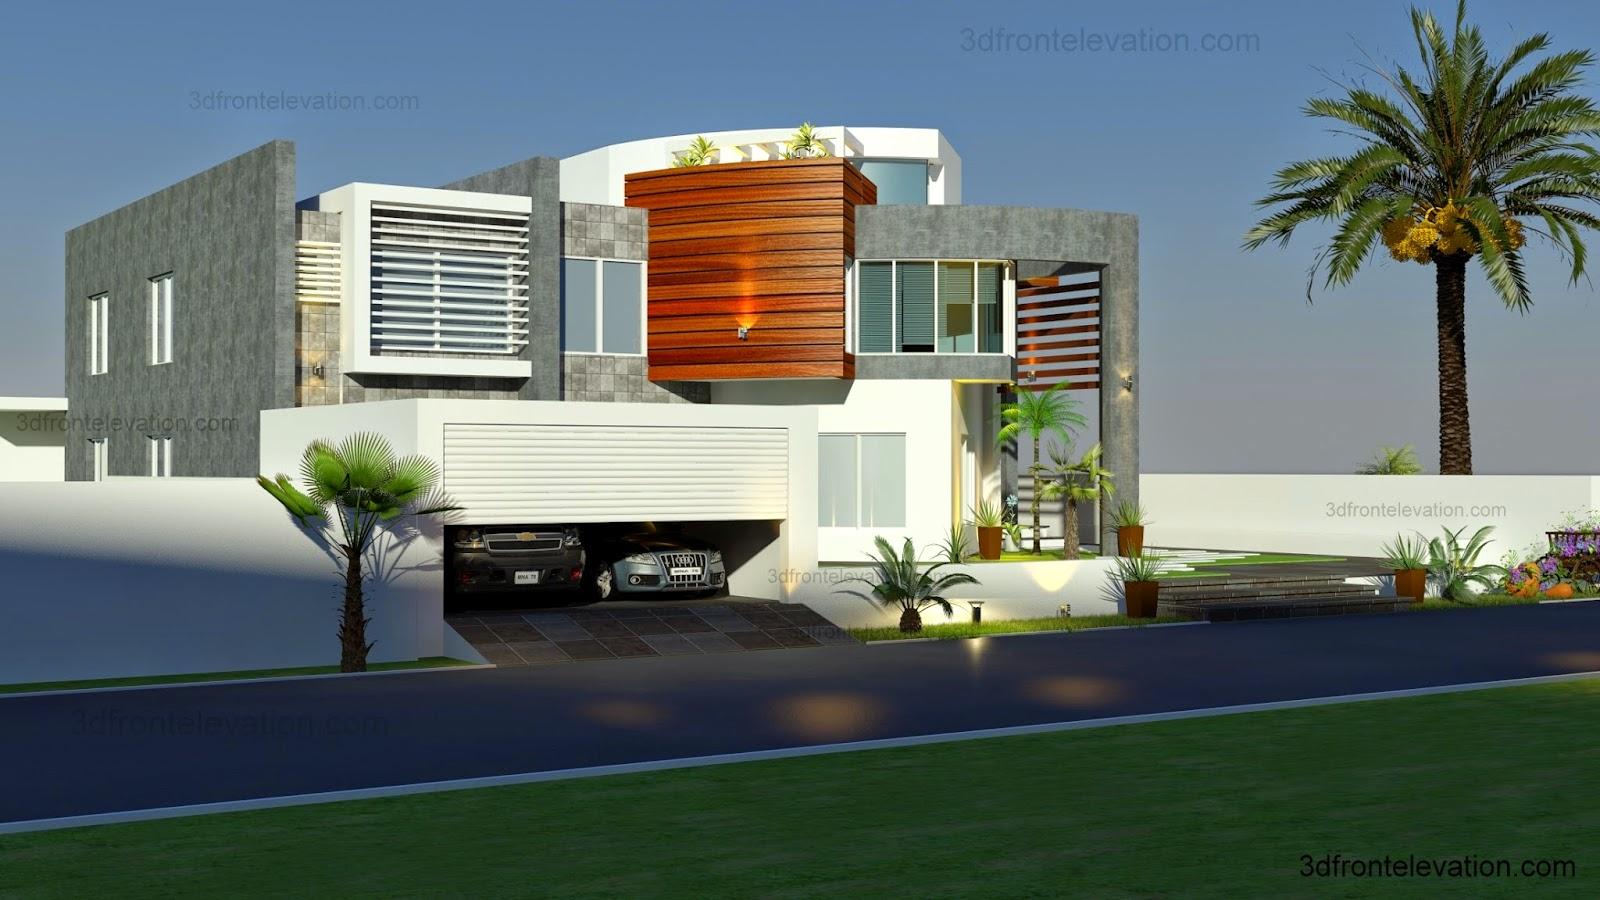 Modern Villa Front Elevation : D front elevation oman modern contemporary villa